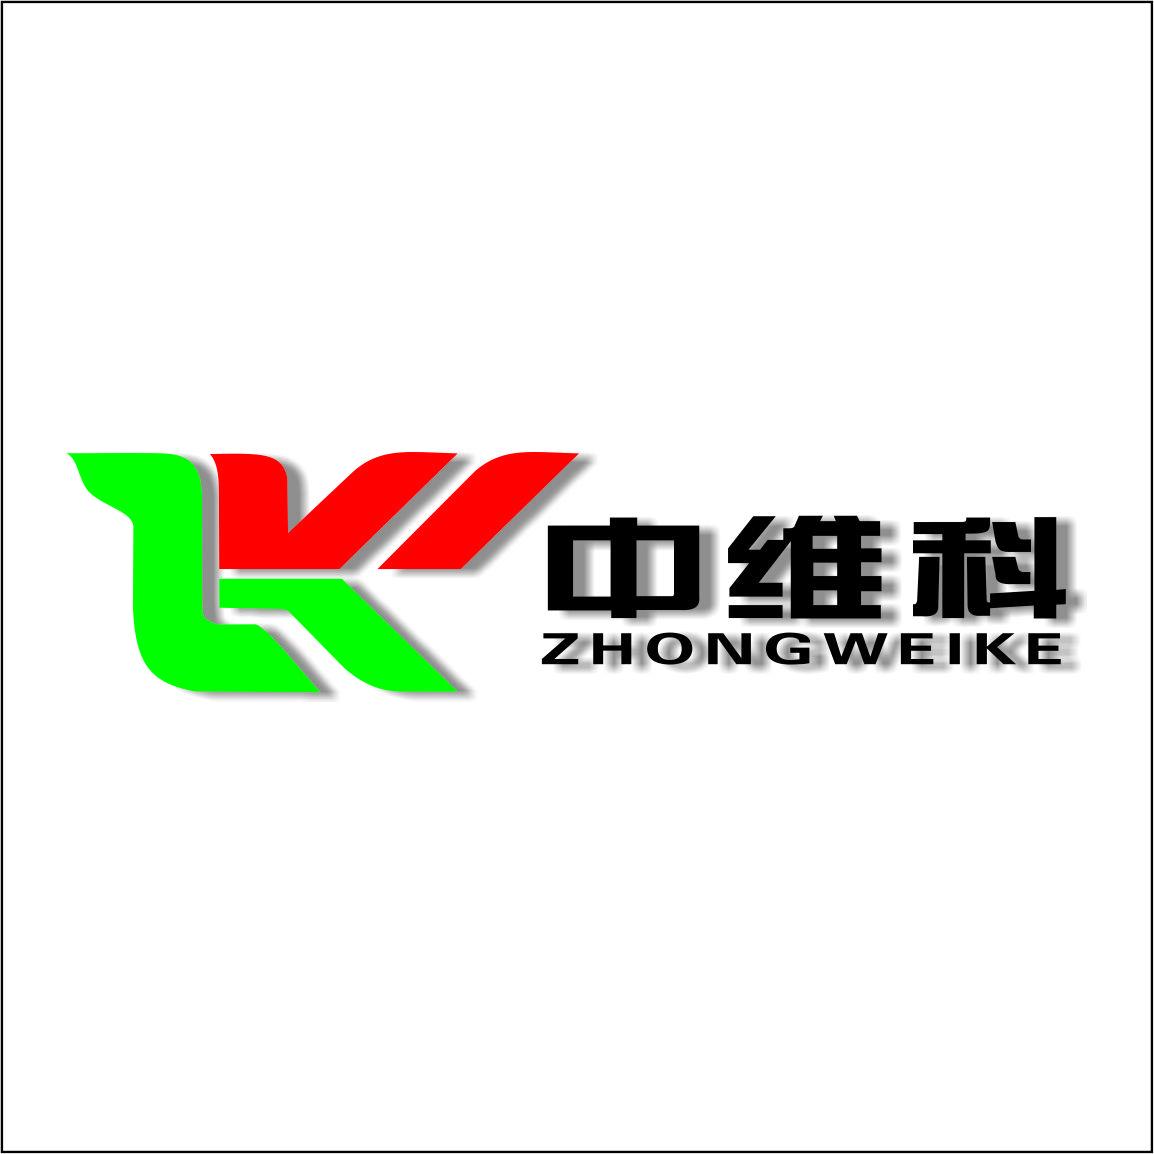 苏州中维科精密塑胶科技有限公司